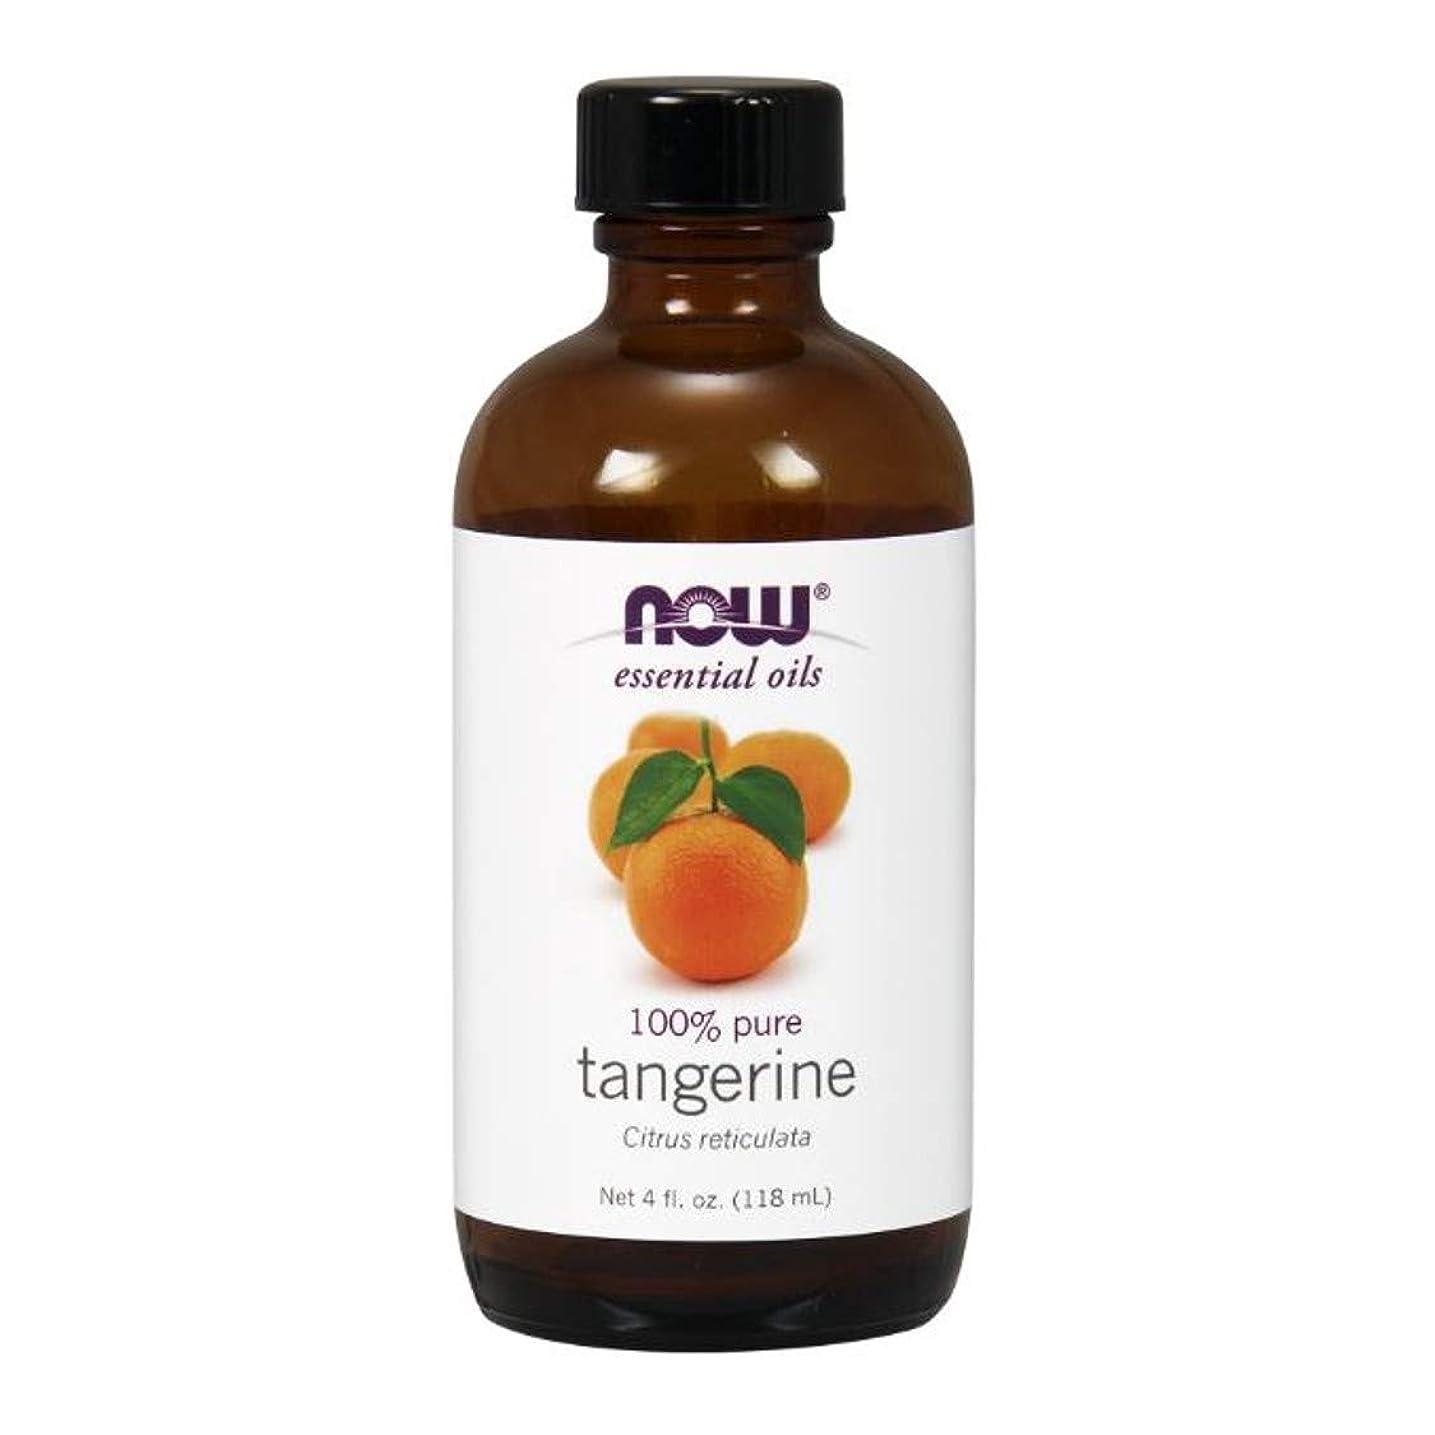 通常数学的なお風呂を持っているNow - Tangerine Oil 100% Pure 4 oz (118 ml) [並行輸入品]